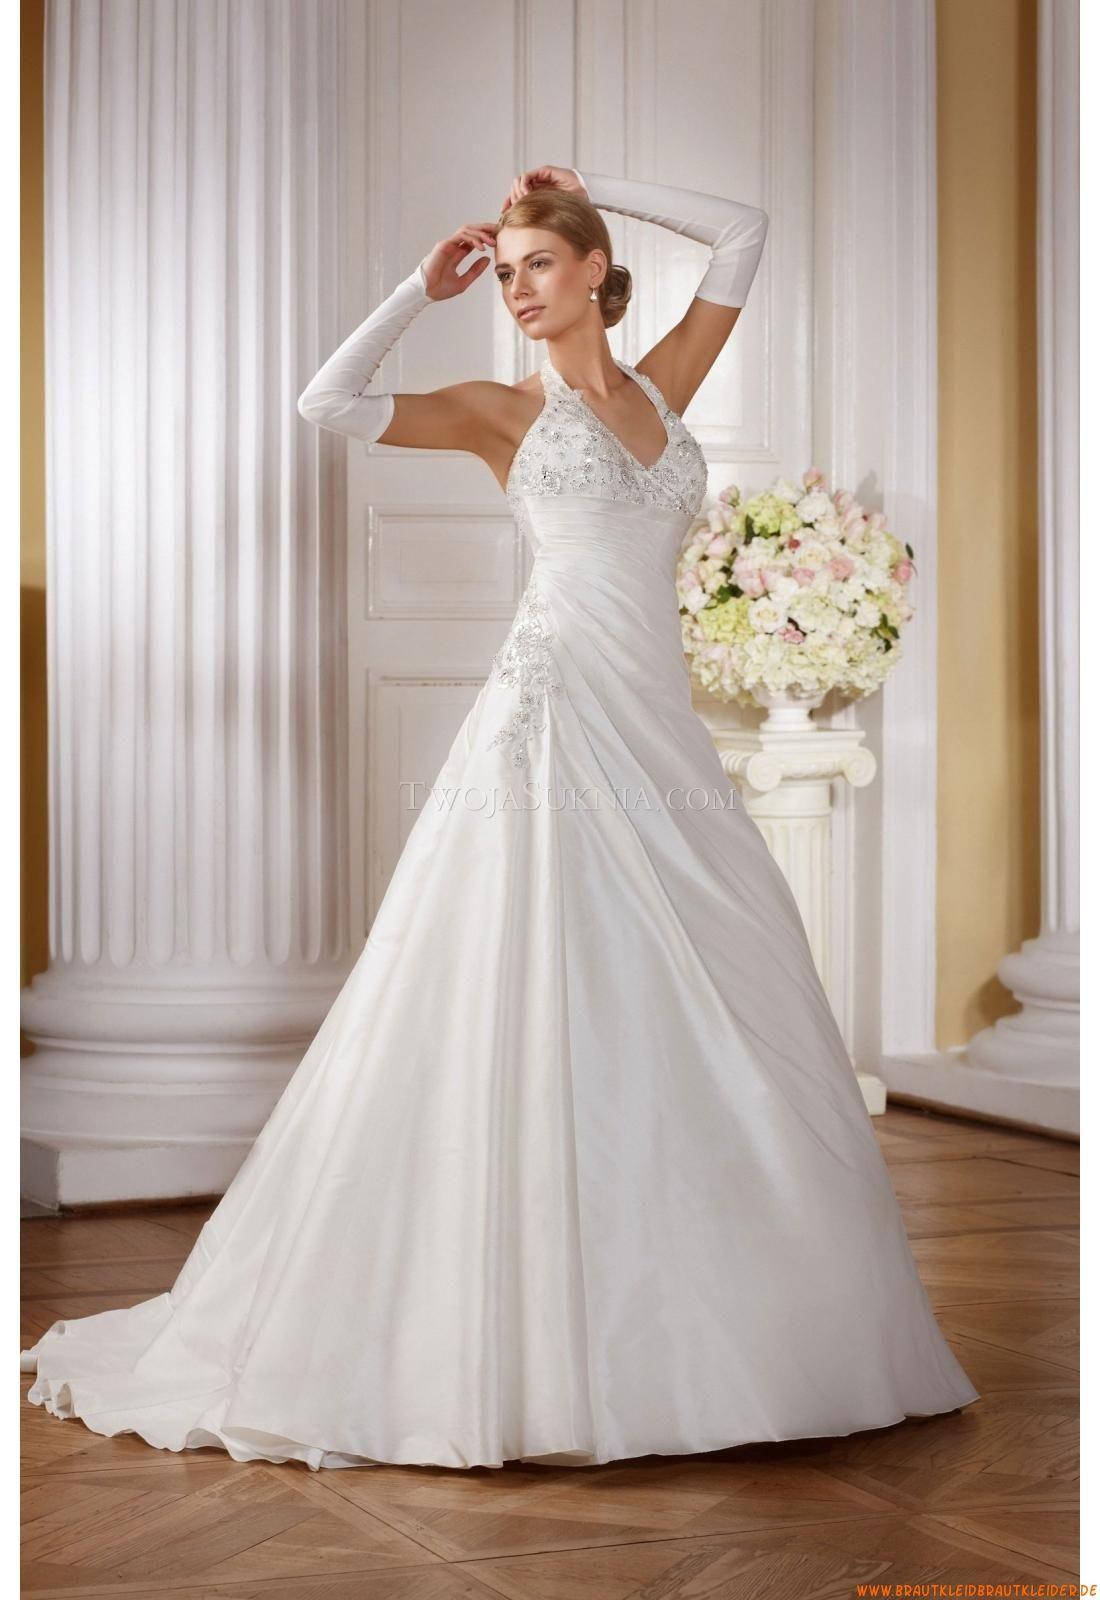 Günstige Elegante Brautkleider aus Satin mit Applikation ...